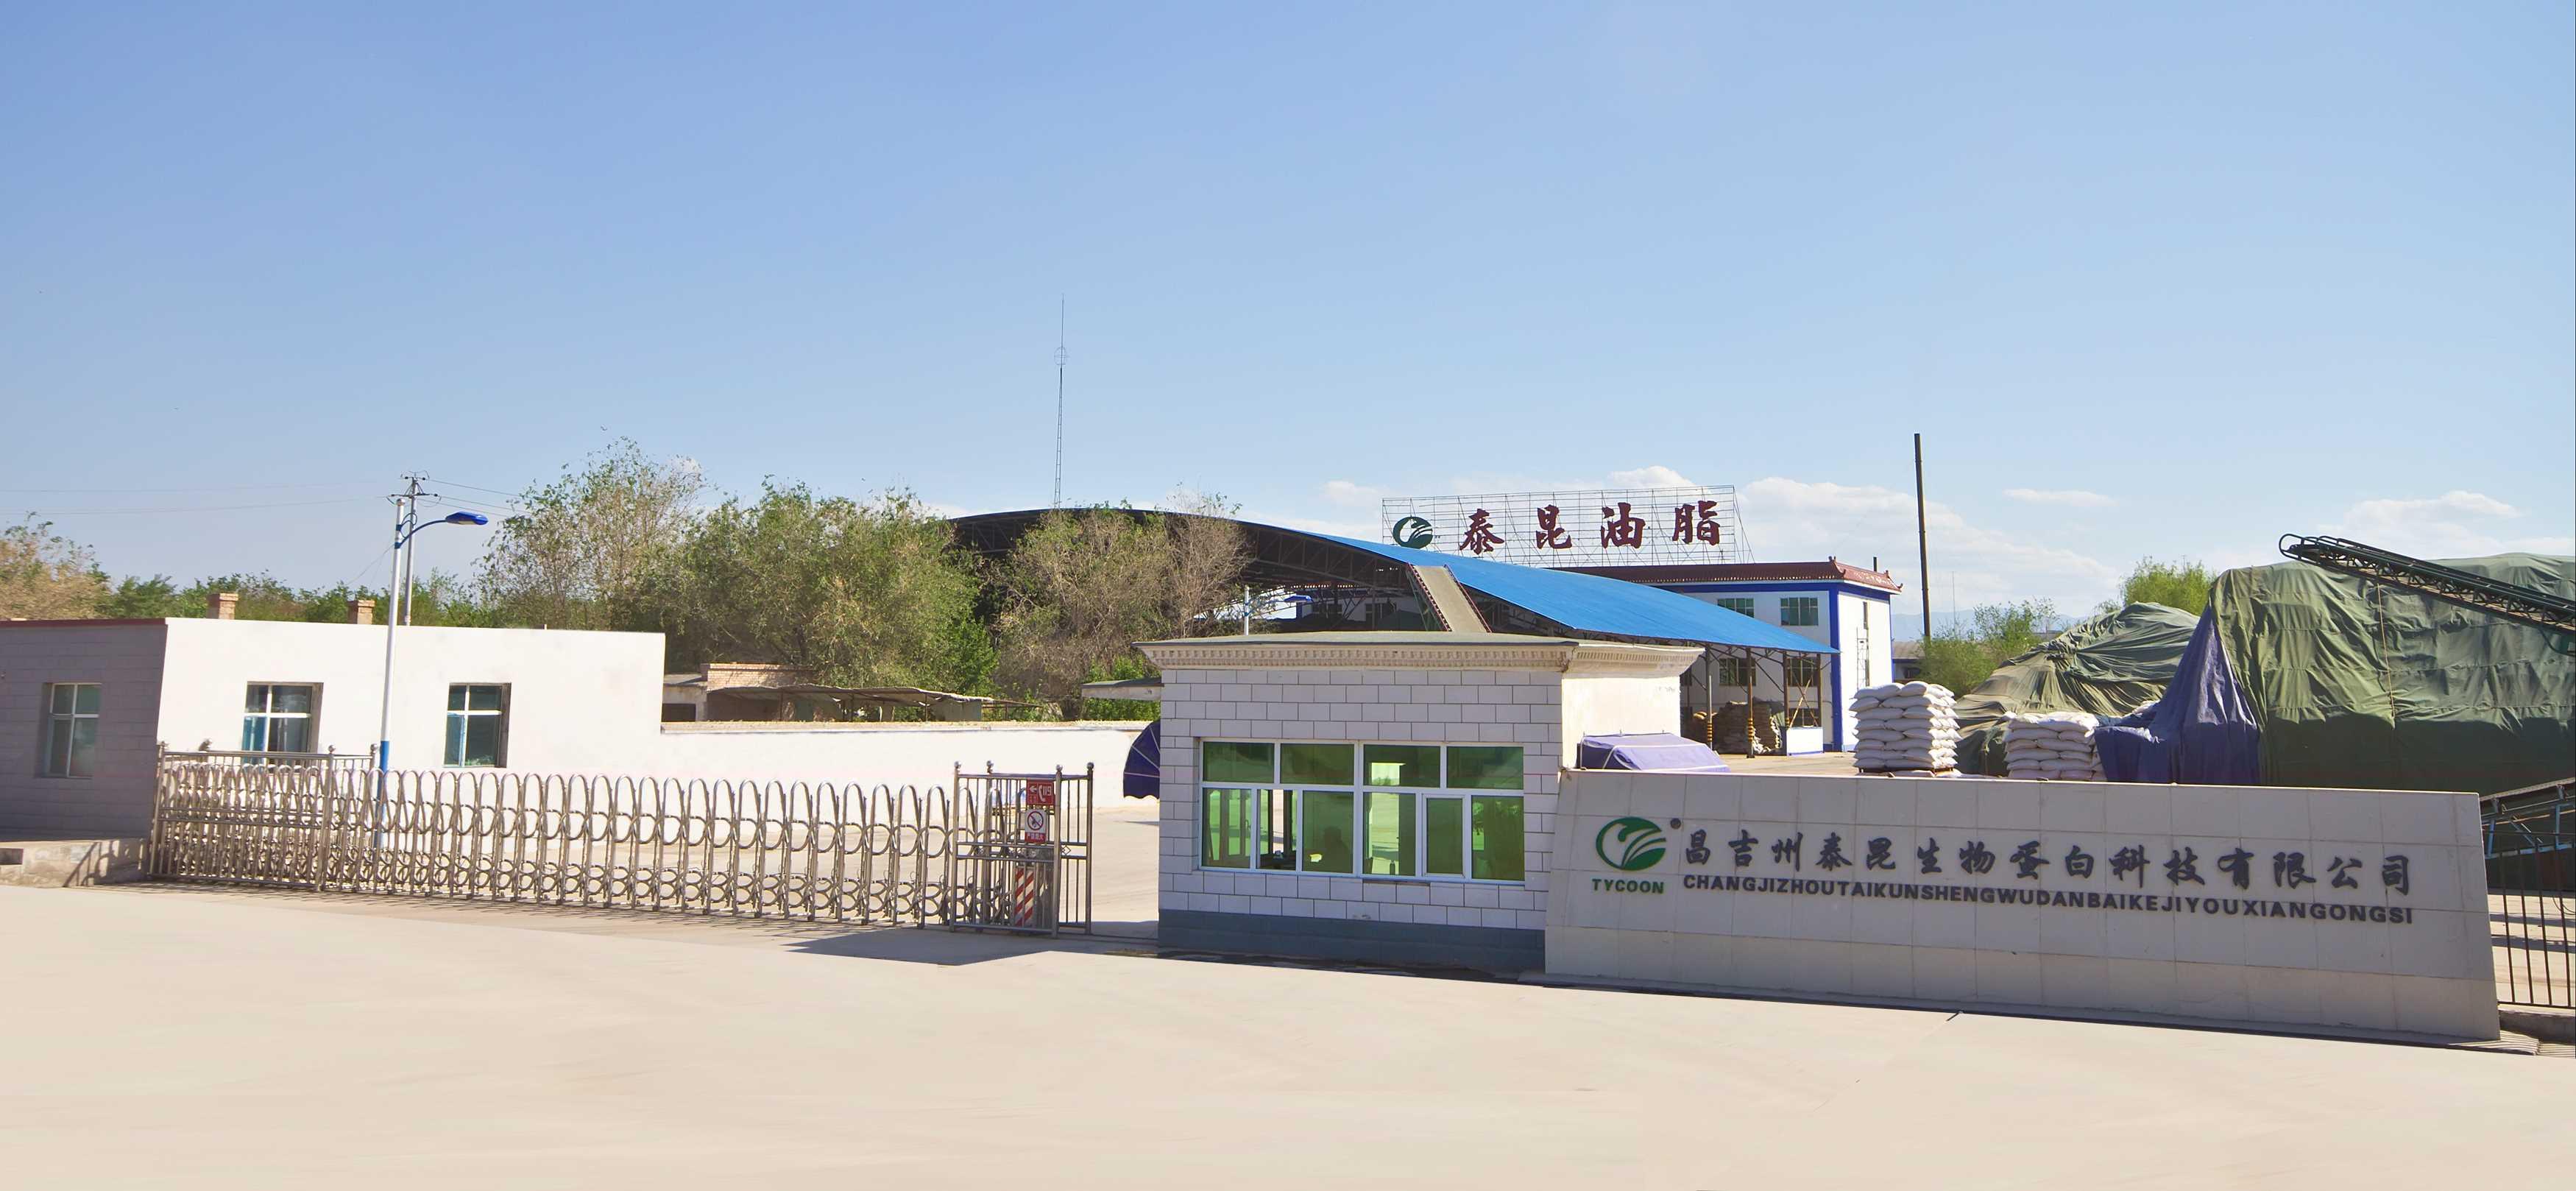 昌吉生物蛋白公司